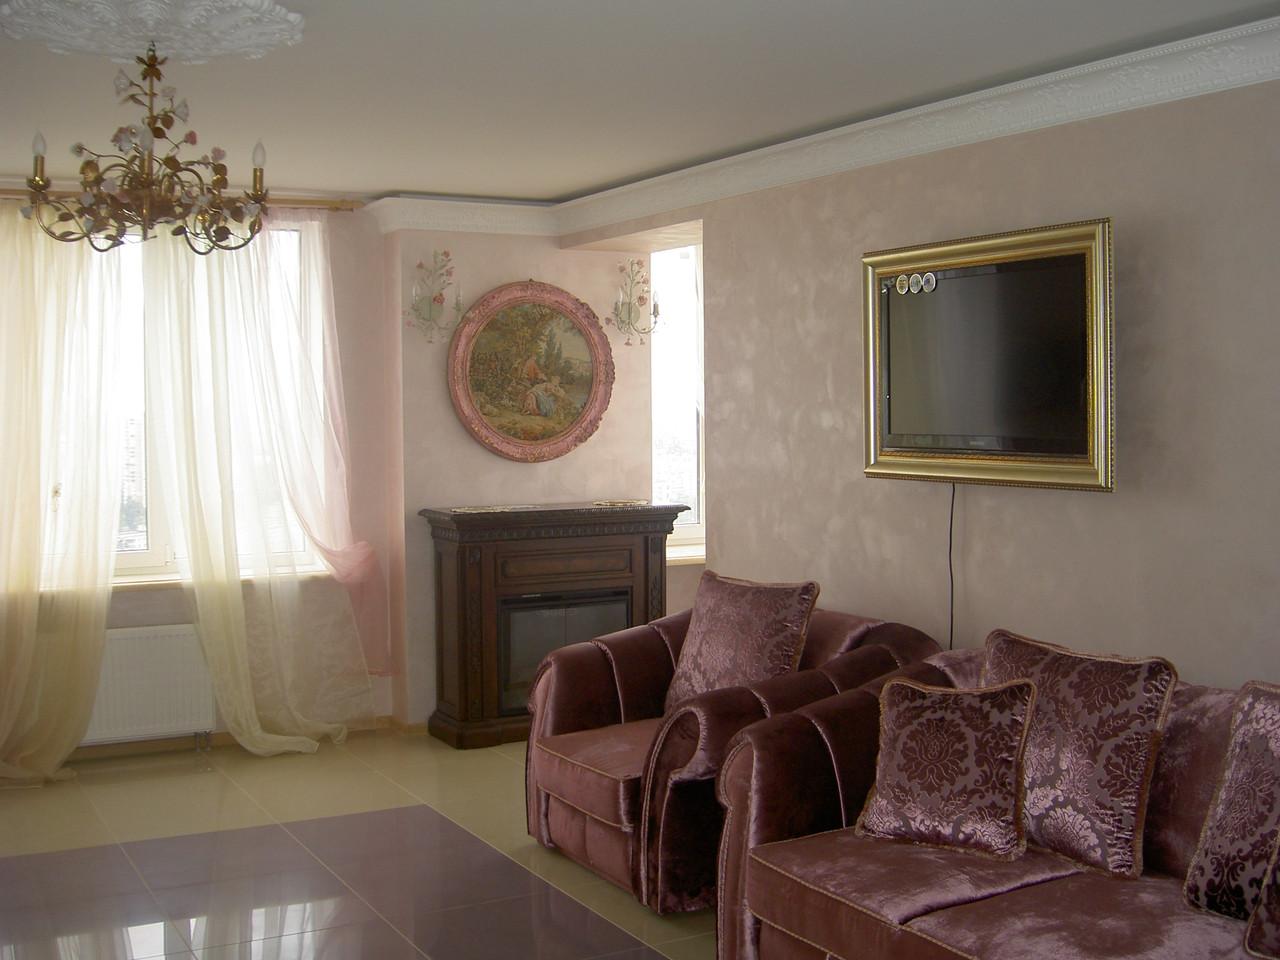 Эффект бархата отточенто- стоимость нанесения декоративного покрытия с материалом 300 грн./кв.м.